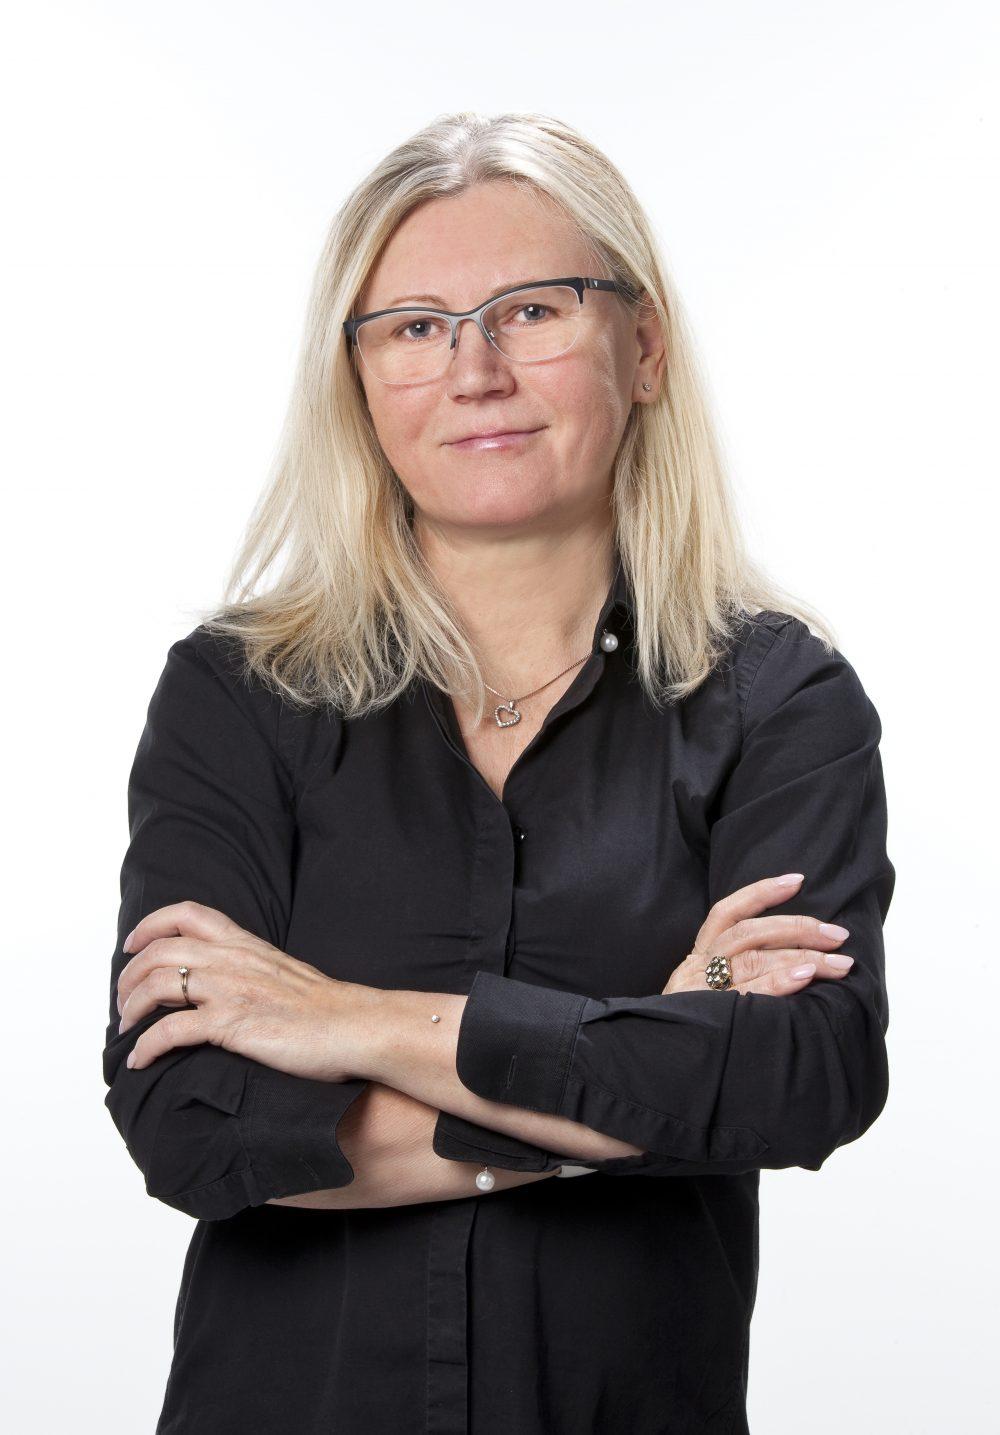 Hanna Hvam